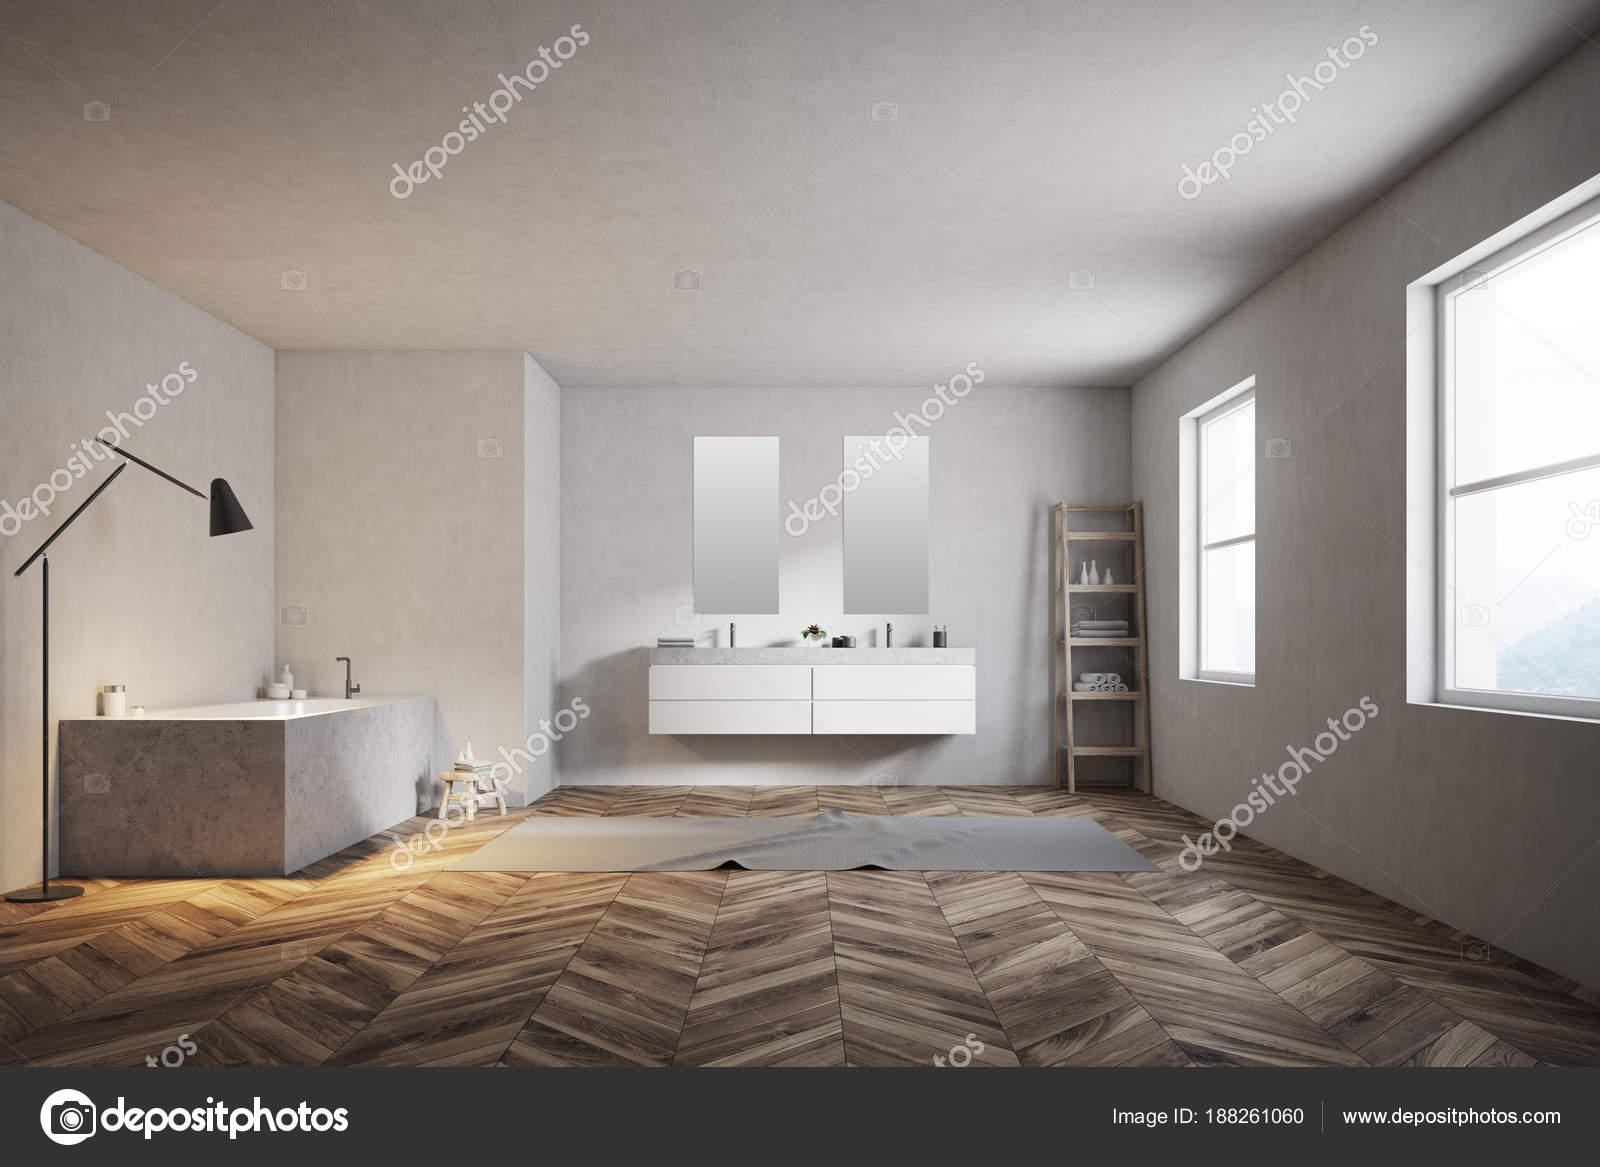 Pareti Interne In Legno : Pareti interne bianche del bagno di lusso u foto stock